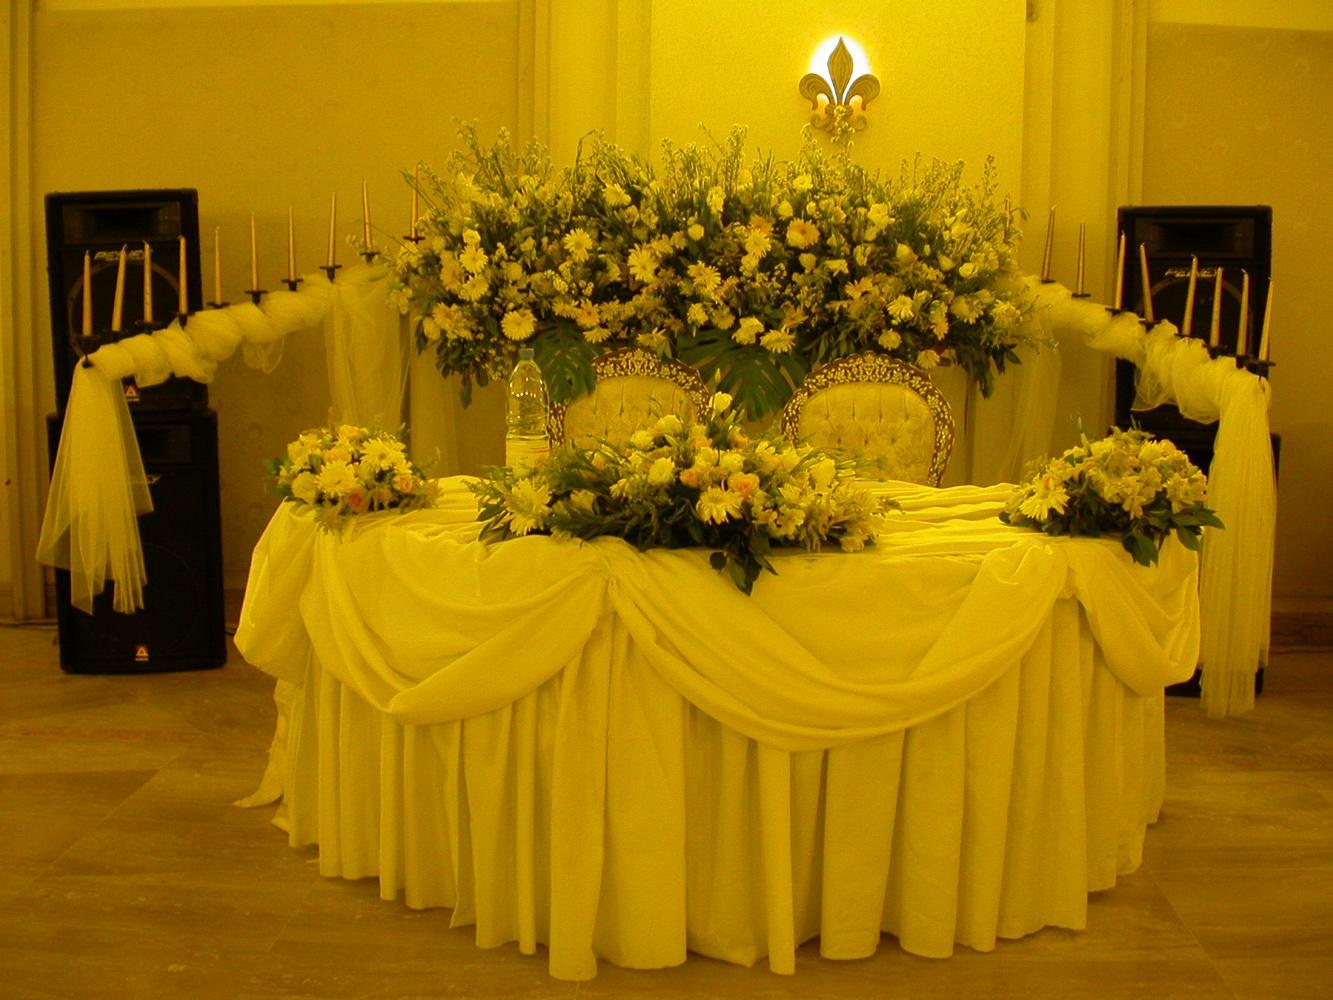 photos_Banqueting_01